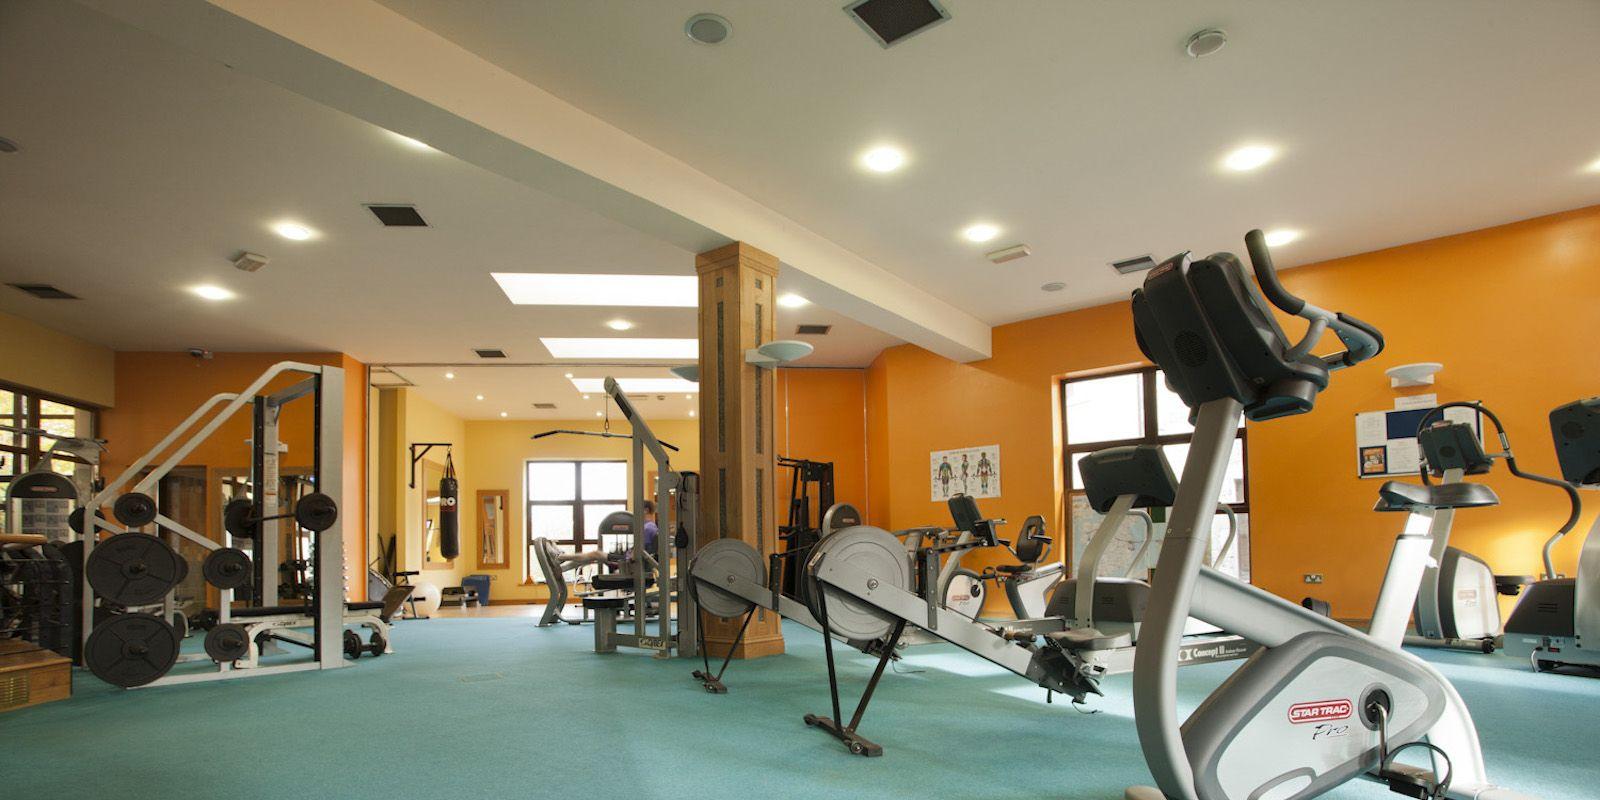 Leisure Club Memberships | Gyms in Mayo | Westport Woods